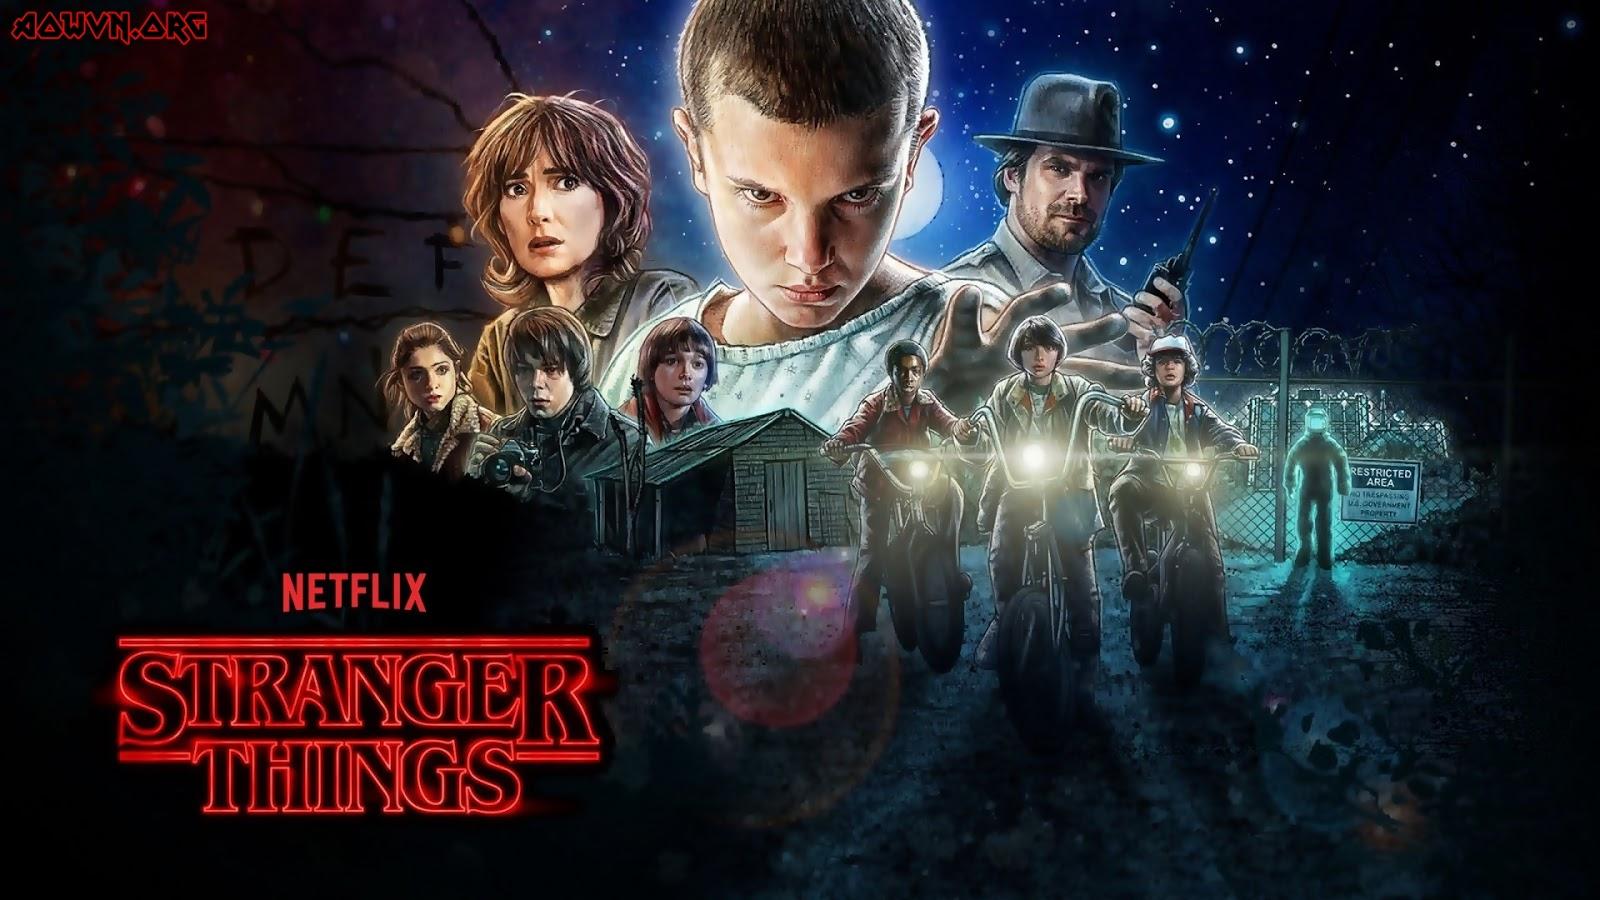 1 97YEAgTwIPTvAT Bz7VcAw - [ Phim 3gp Mp4 ] Stranger Things SS1 + SS2 | Vietsub - Siêu phẩm Netflix - Kinh Dị - Viễn Tưởng